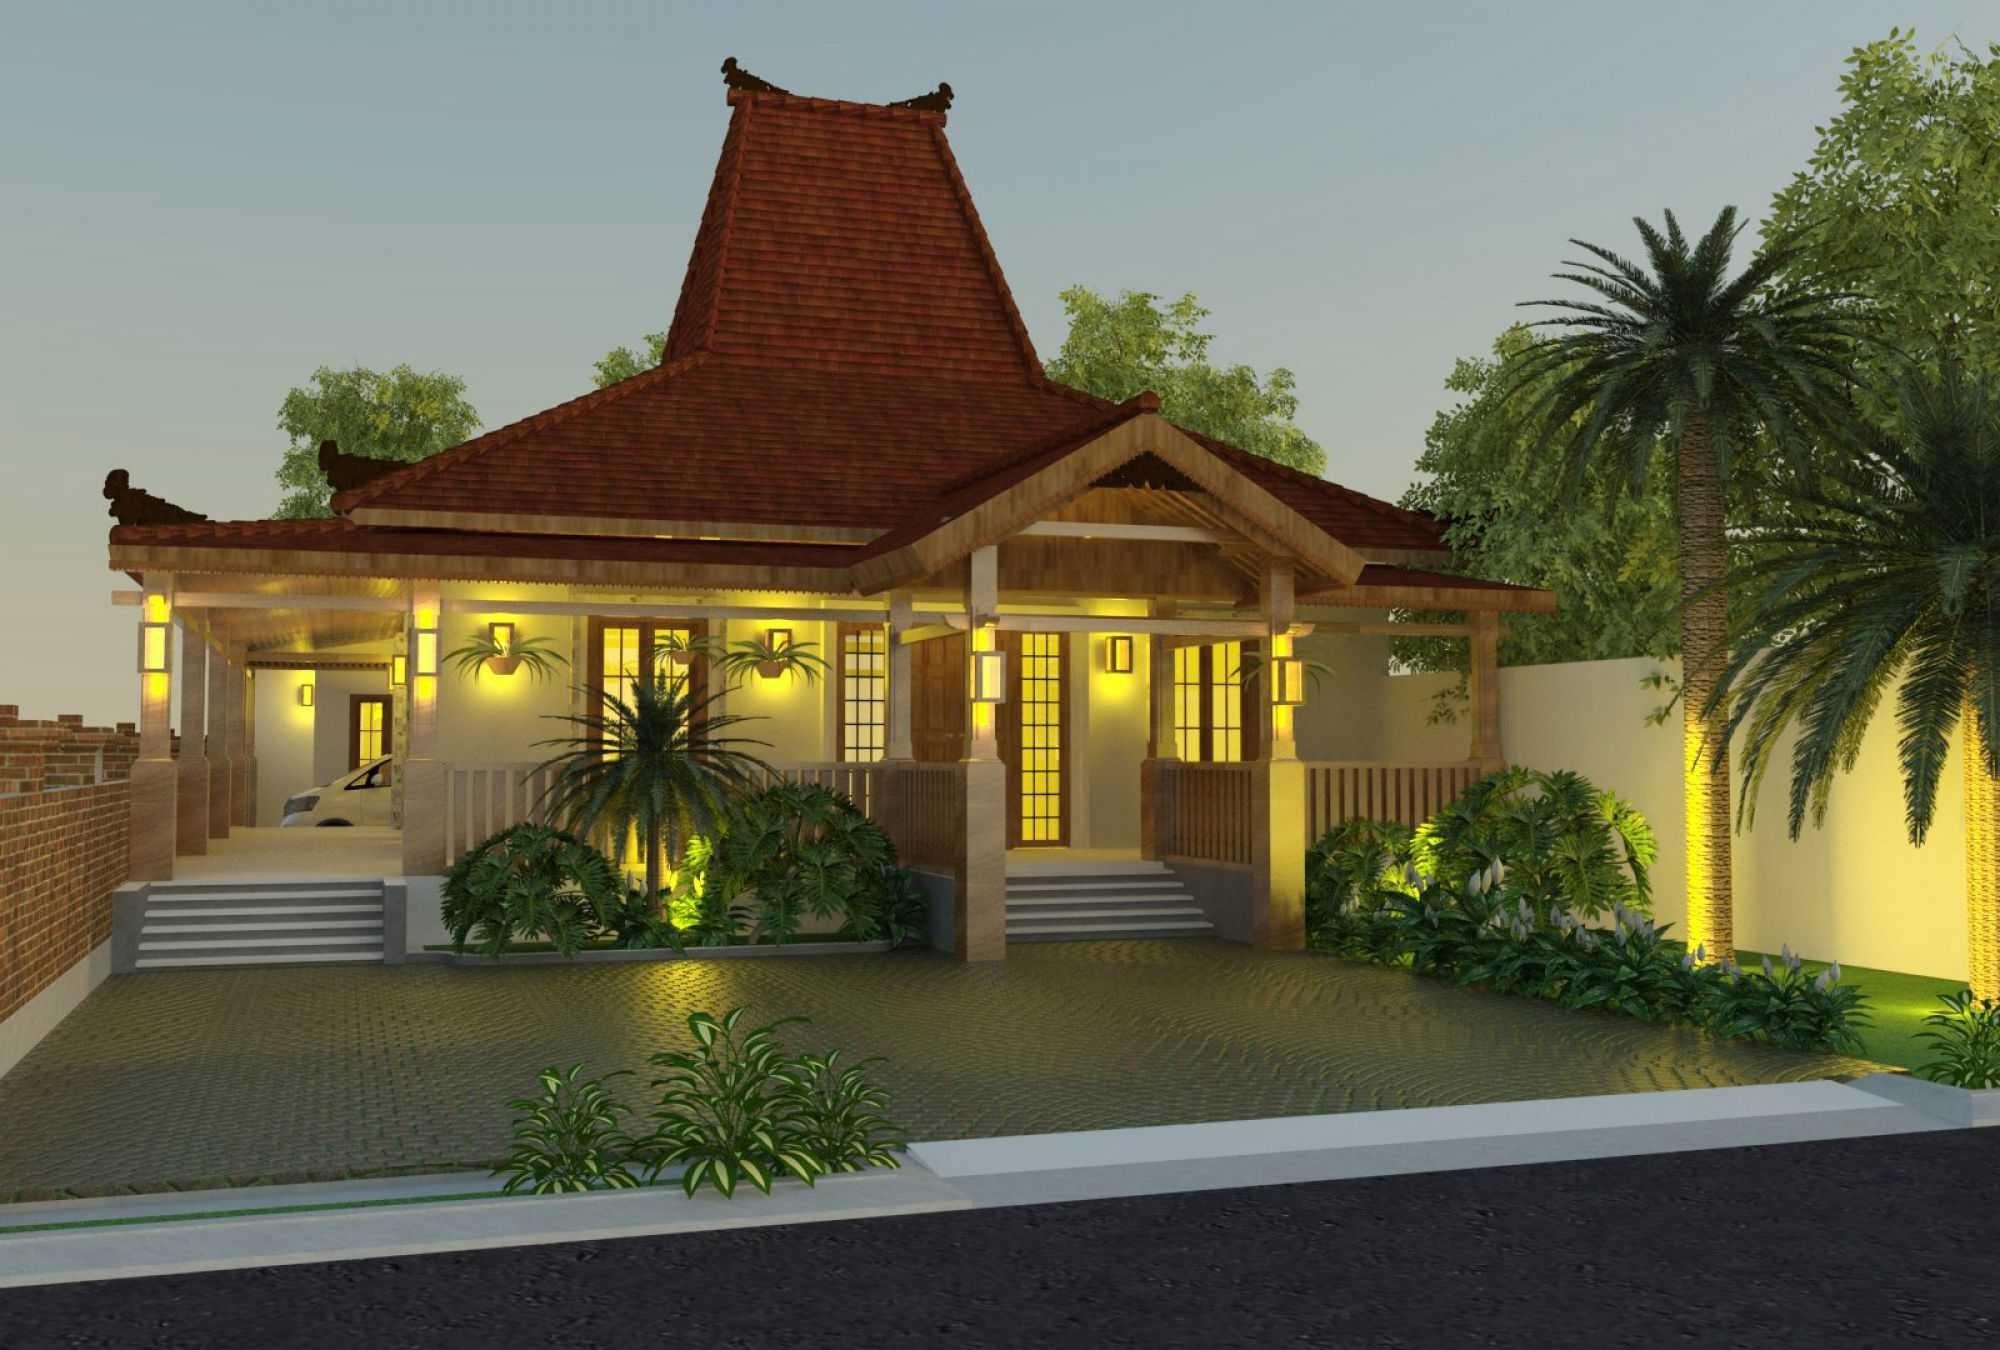 8 Desain Rumah Etnik Jawa Modern | RUMAH IMPIAN